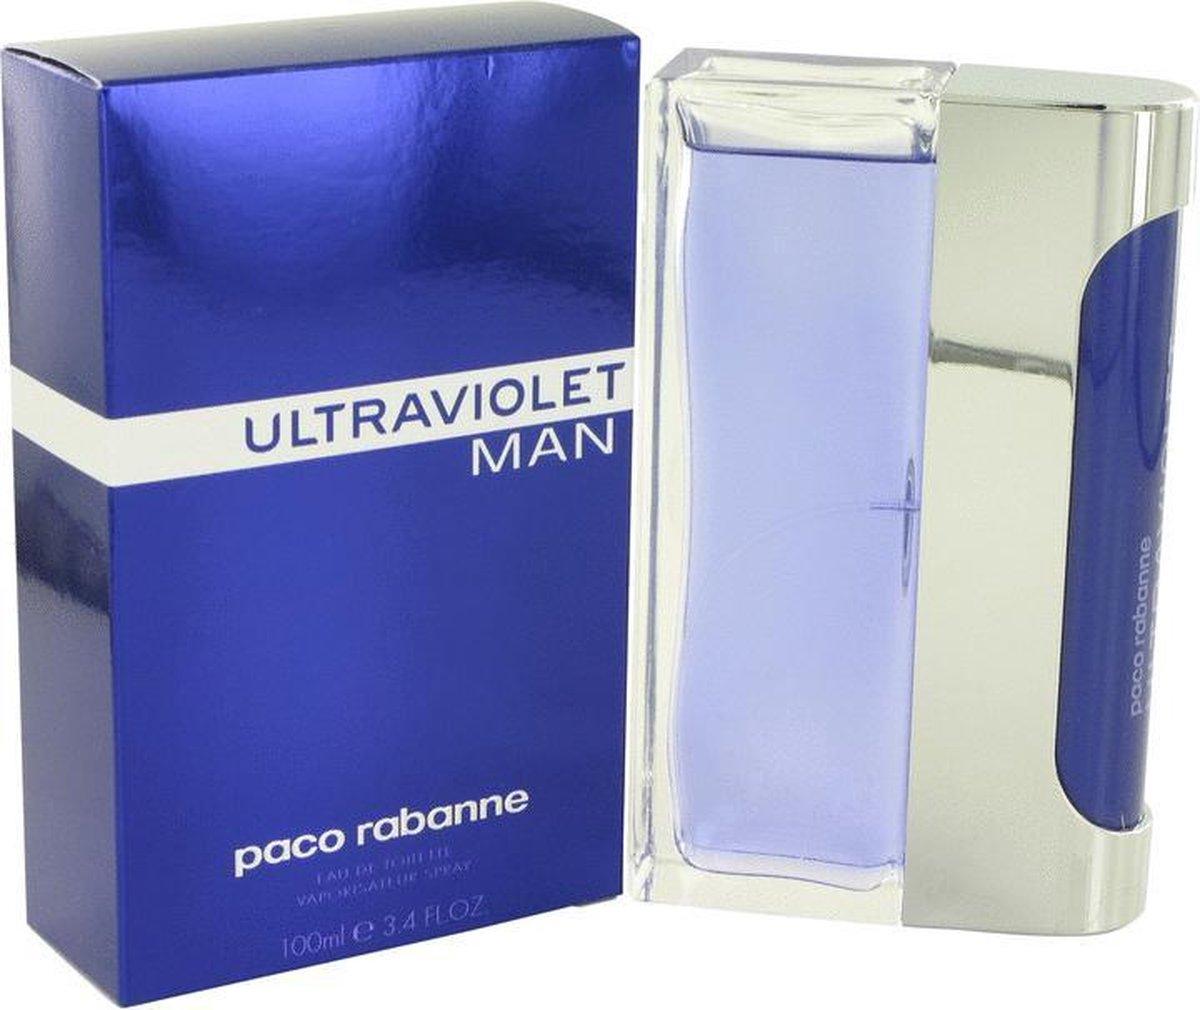 Paco Rabanne Ultraviolet 100 ml - eau de toilette - for Men - Paco Rabanne